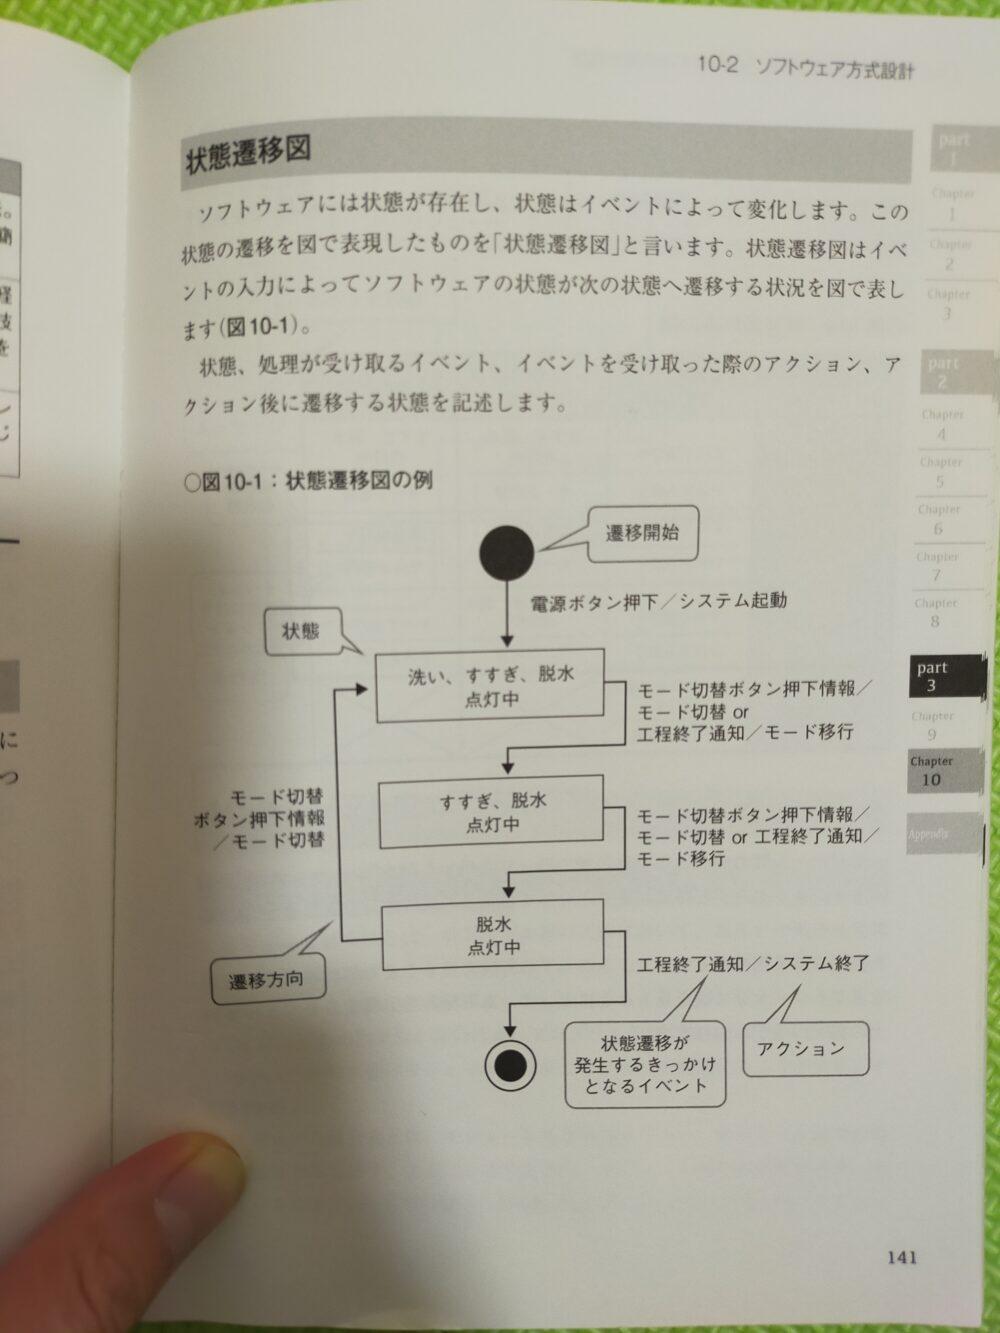 よくわかる組込みシステム開発入門1